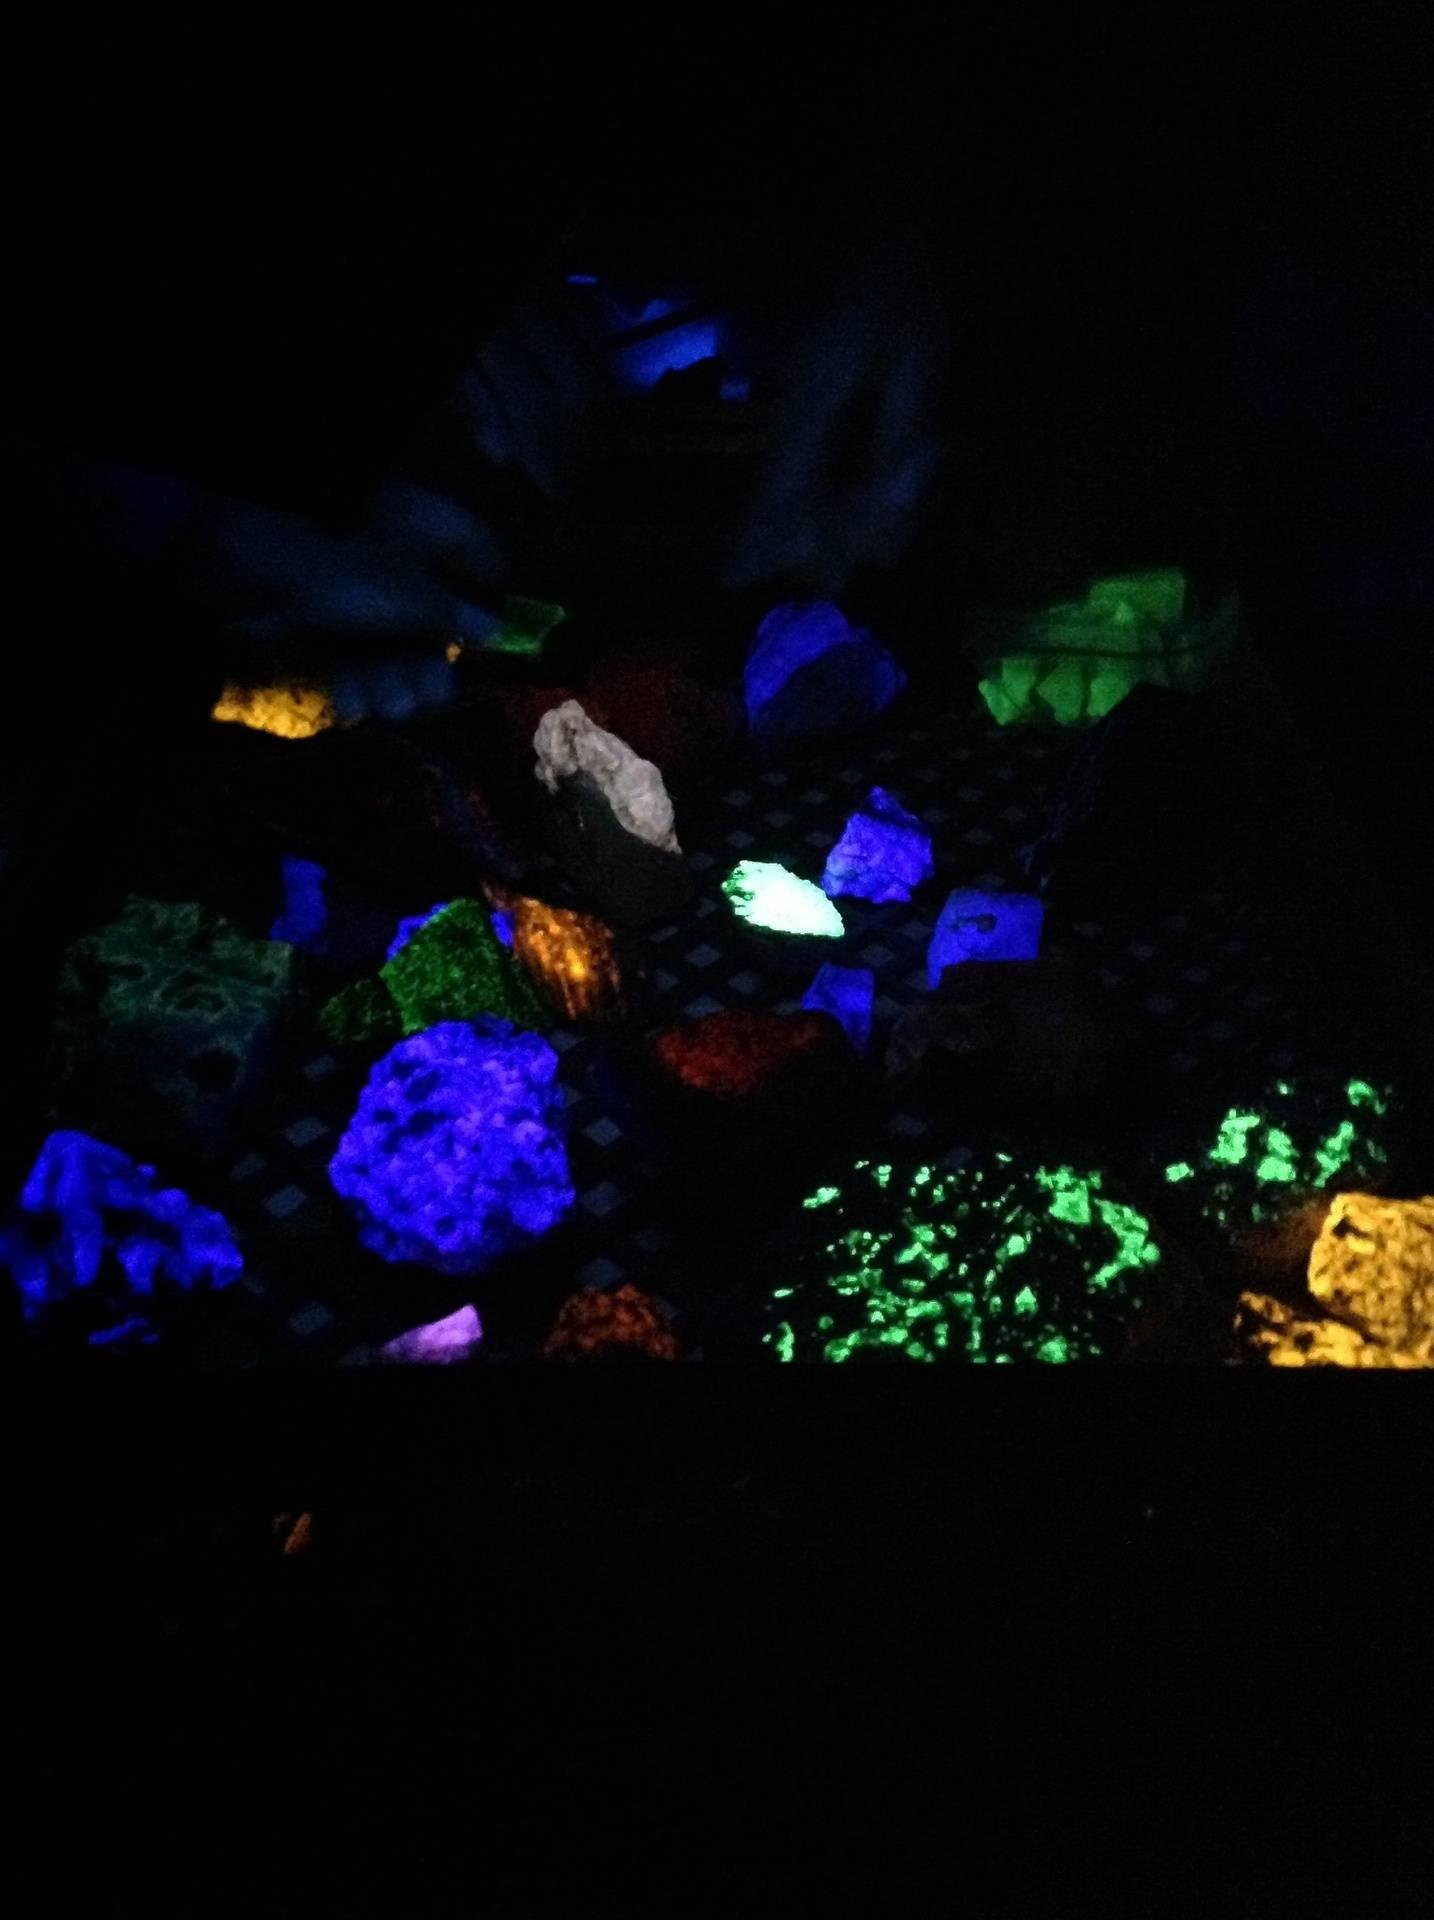 Fluorescent minerals under black light